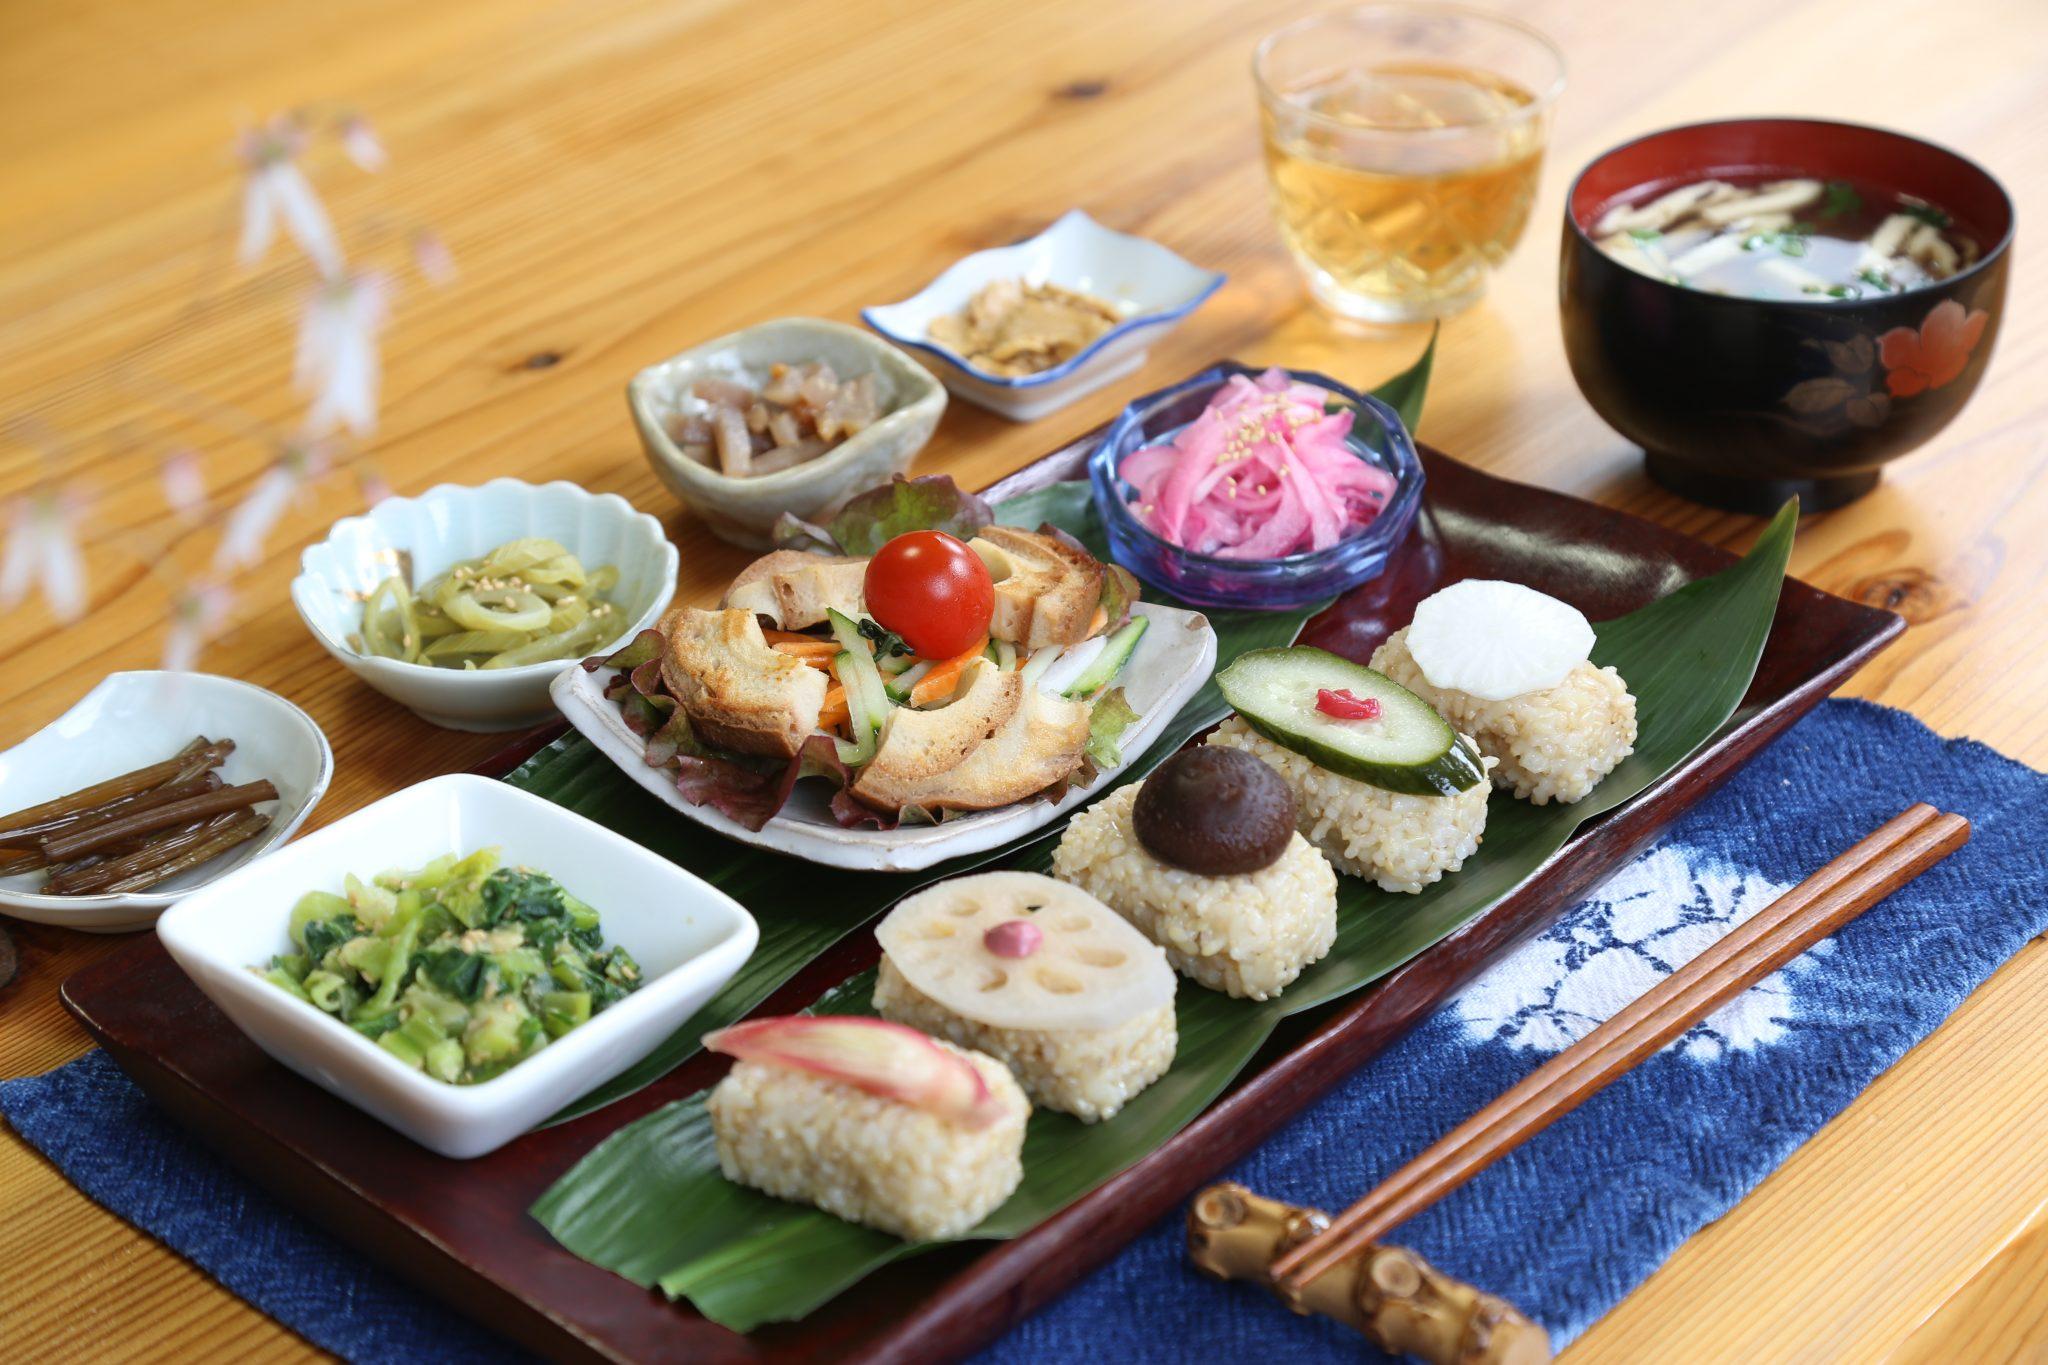 《吉野川市/農家民宿&レストラン きのこの里》泊まらなくても食べられる宿めし。ヘルシーで見目麗しい美郷流マクロビオティック御膳